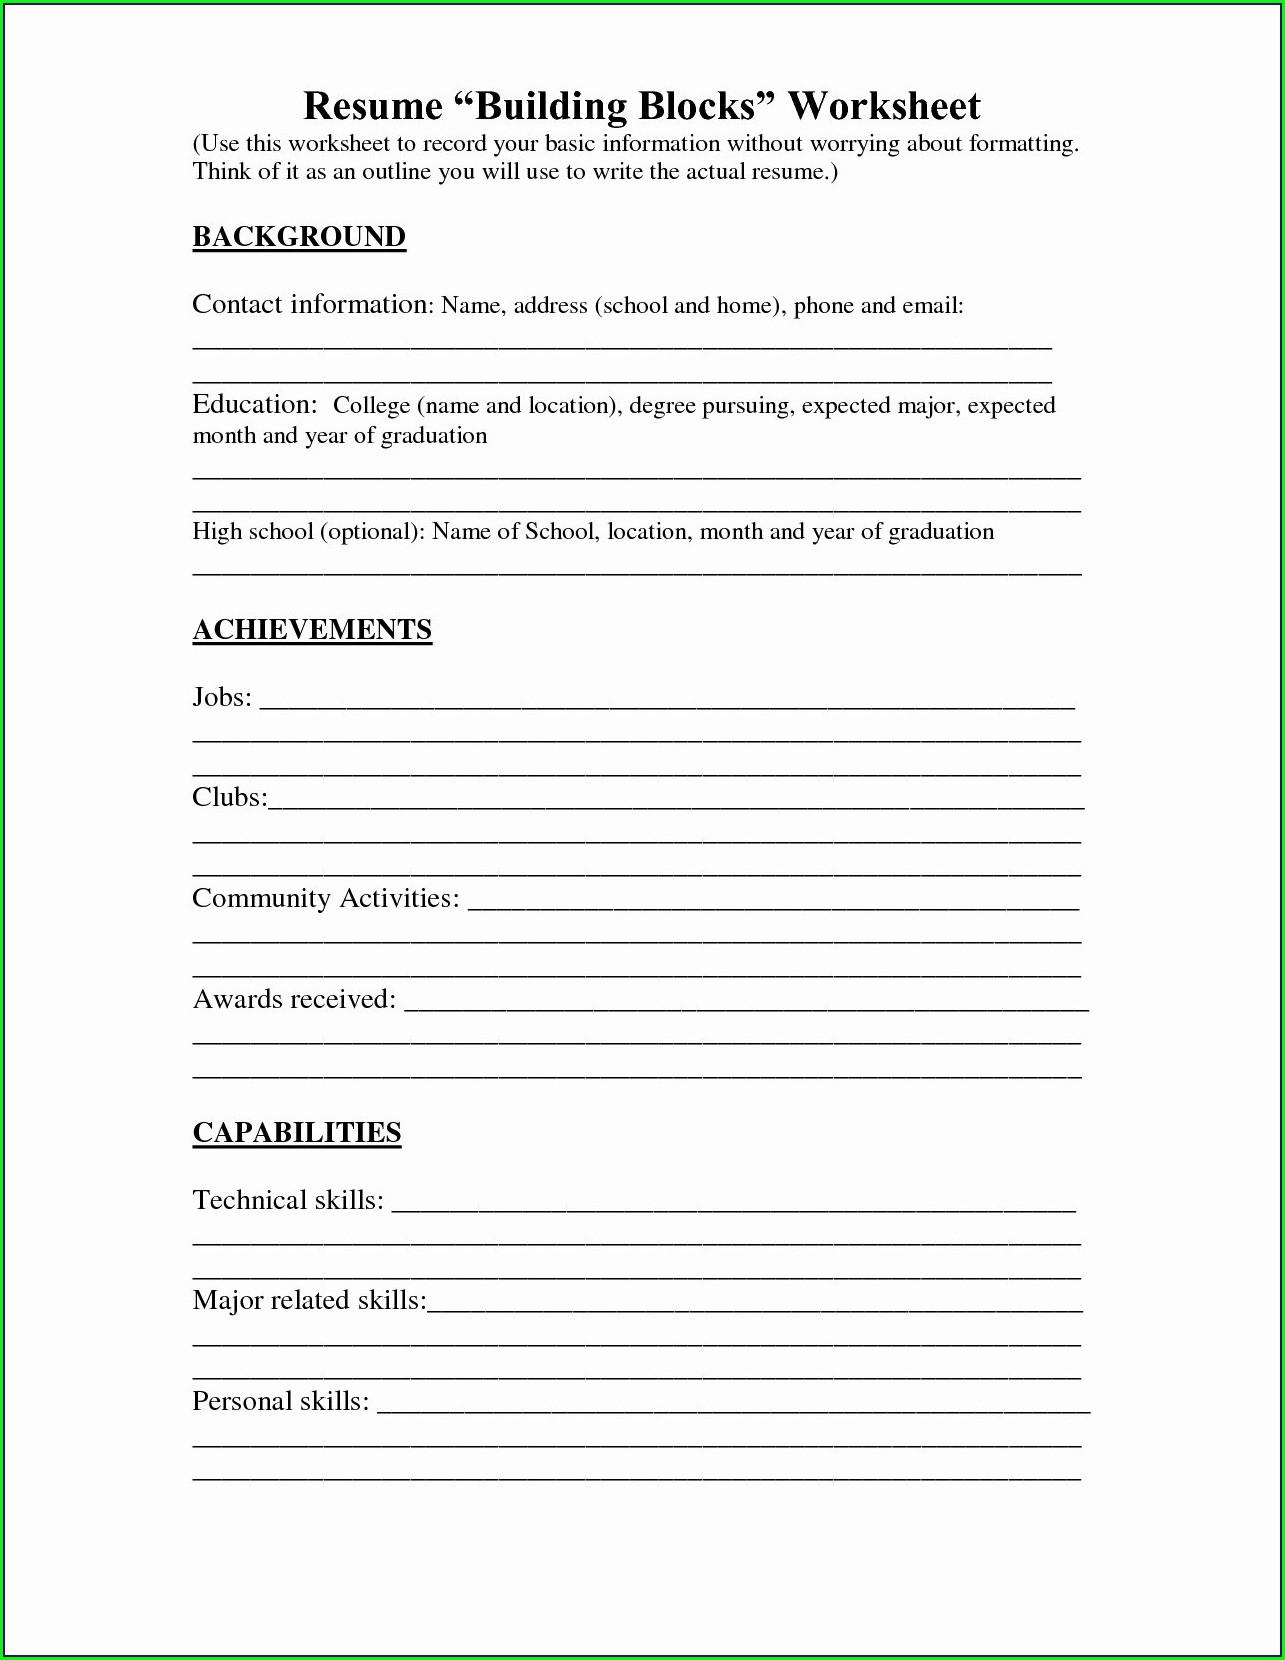 Resume Writing Worksheet High School